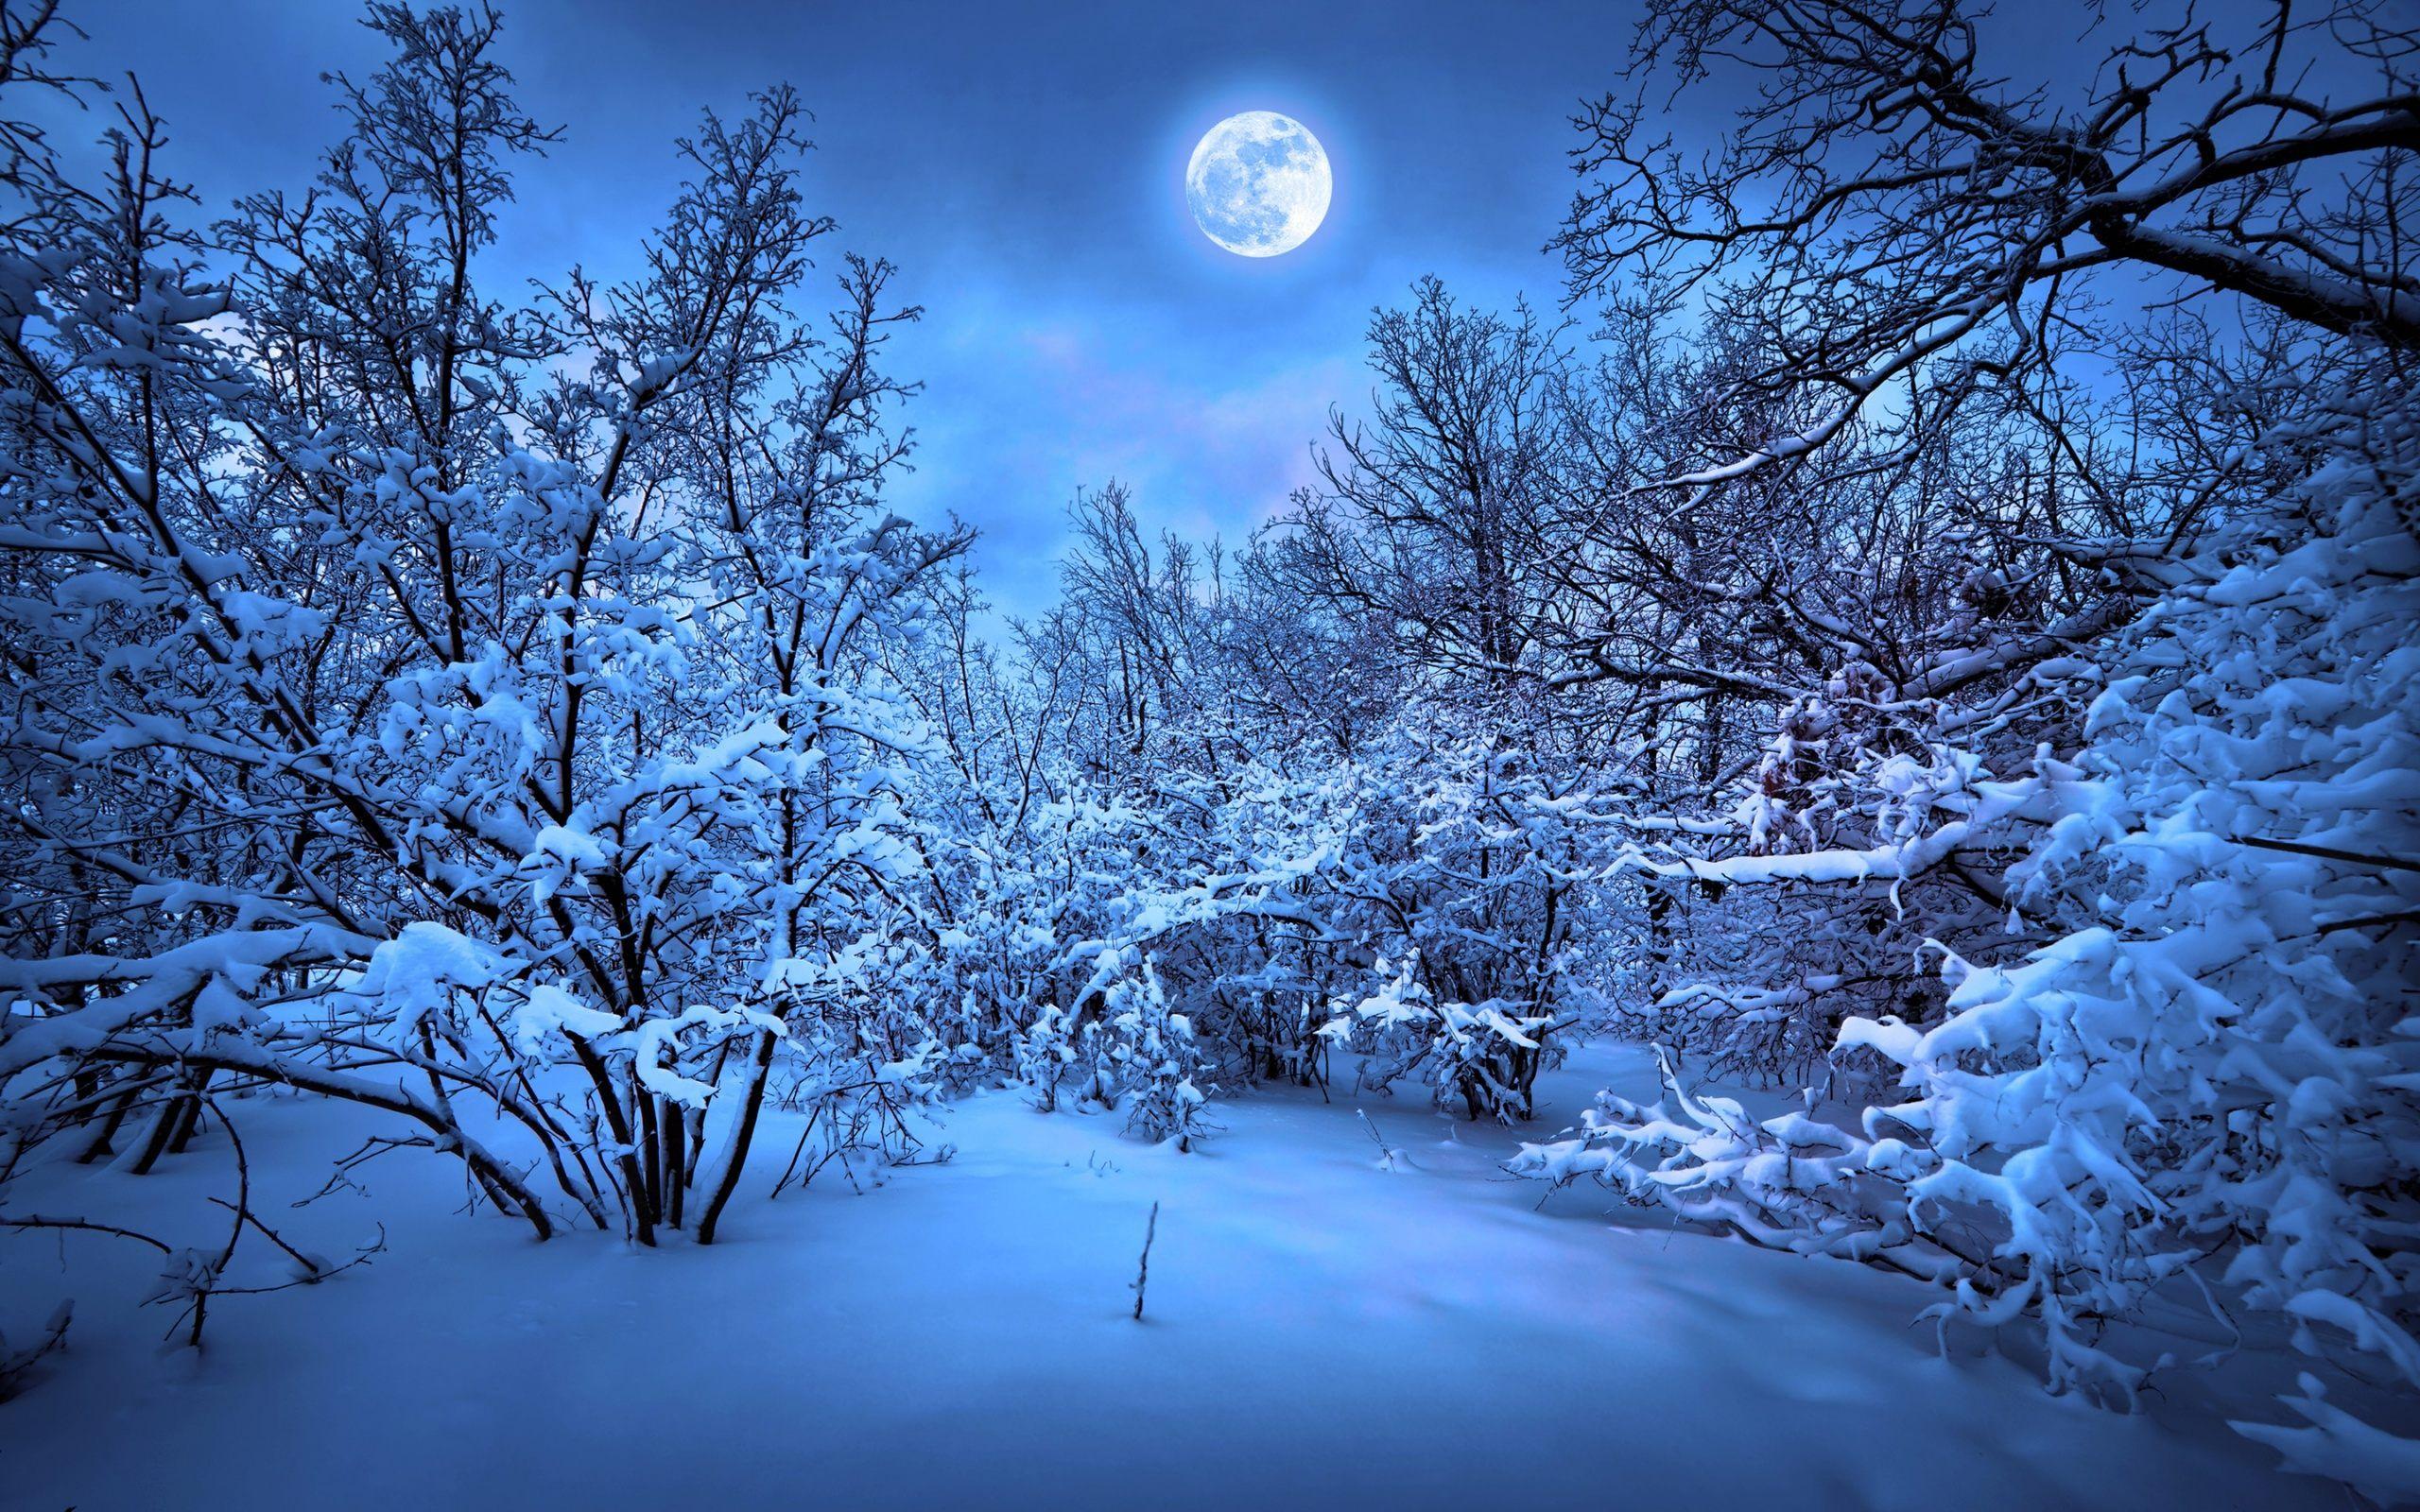 Fantastic Wallpaper Home Screen Snow - df37ac3d1dc39a6491e826559f3cfe7b  You Should Have_175626.jpg